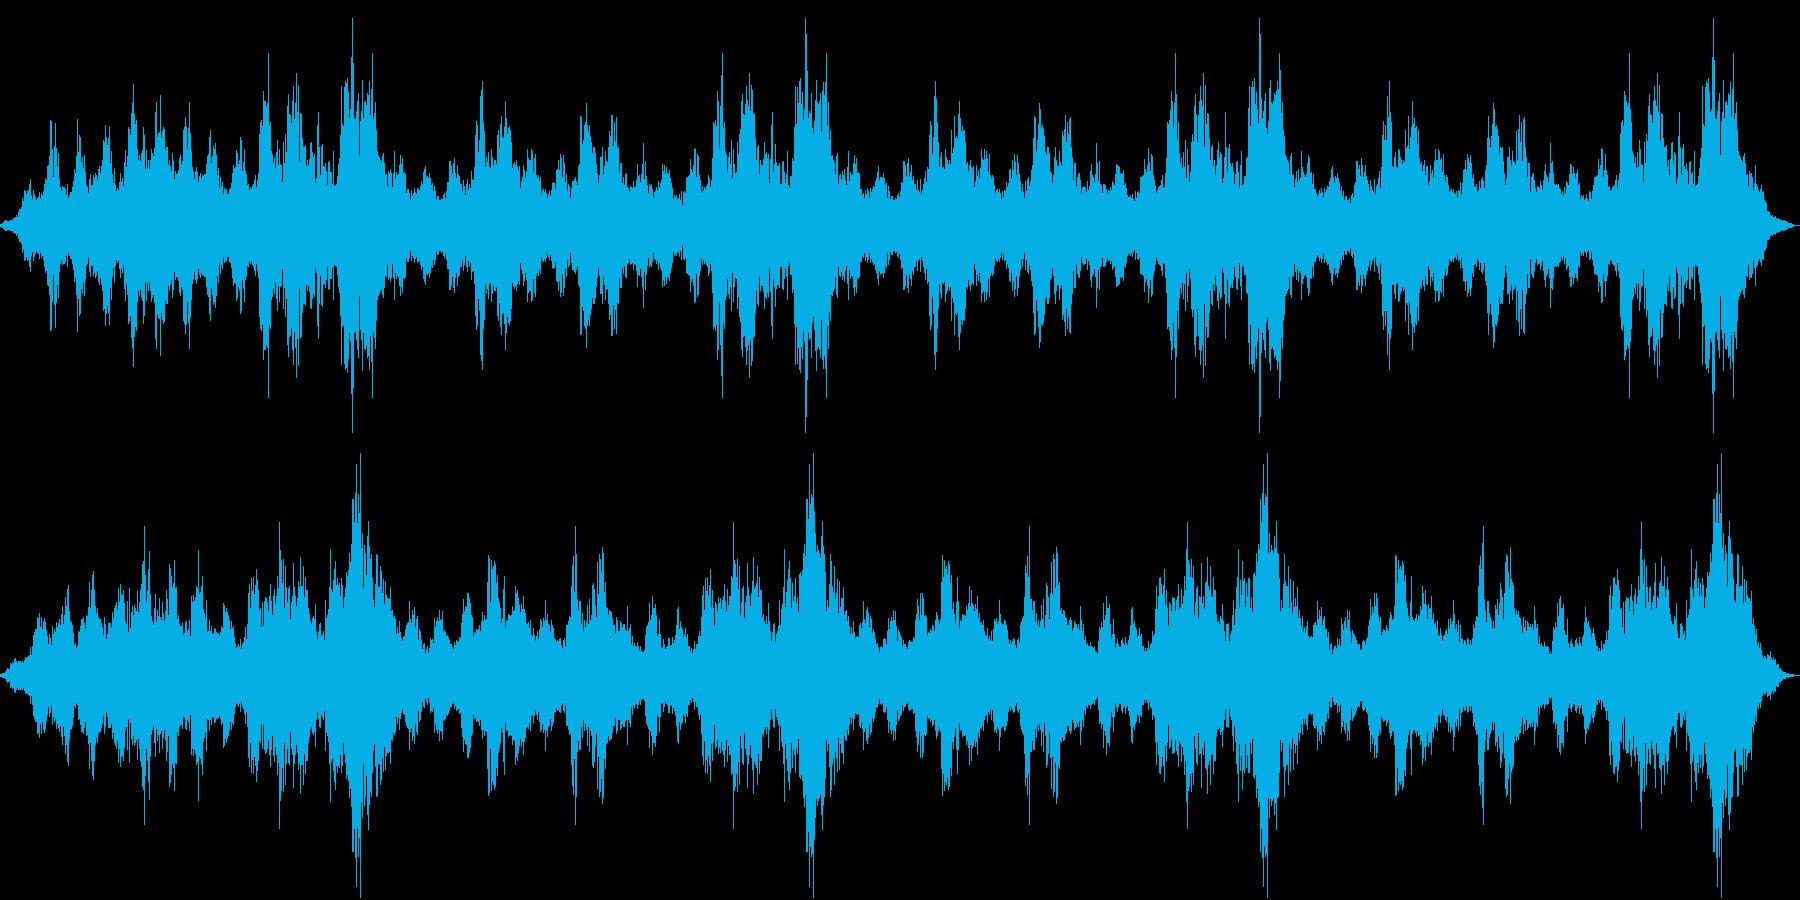 【ダークアンビエント】サウンドスケープの再生済みの波形